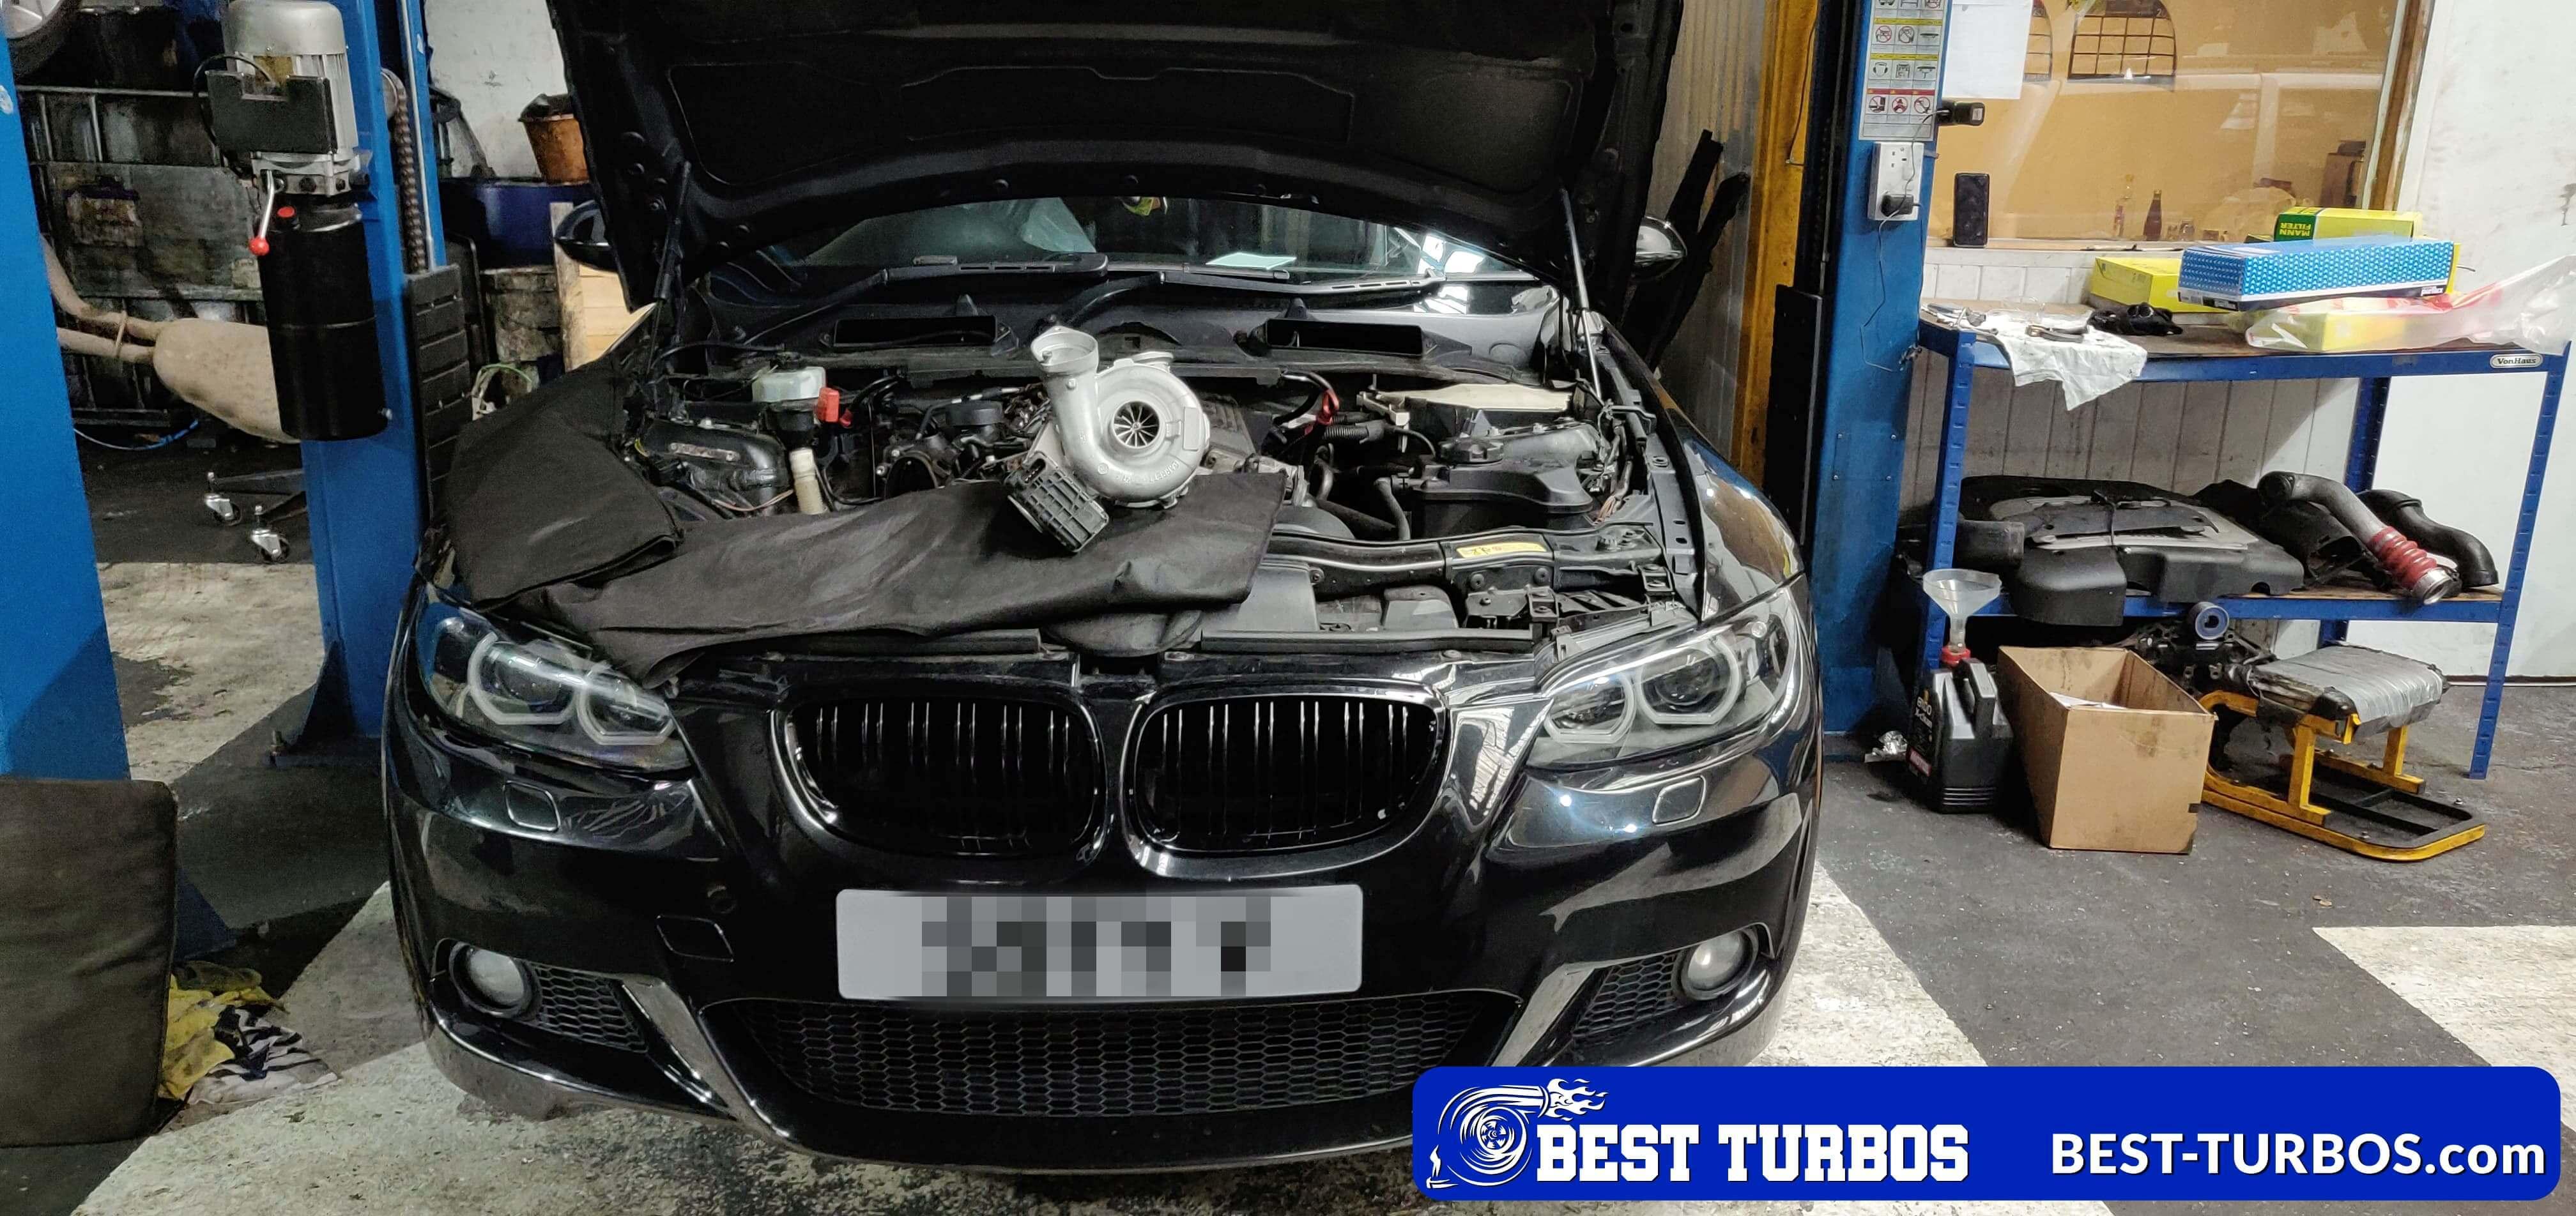 BMW 330 d (E90/E91/E92/E93) Hybrid Turbo Upgrade